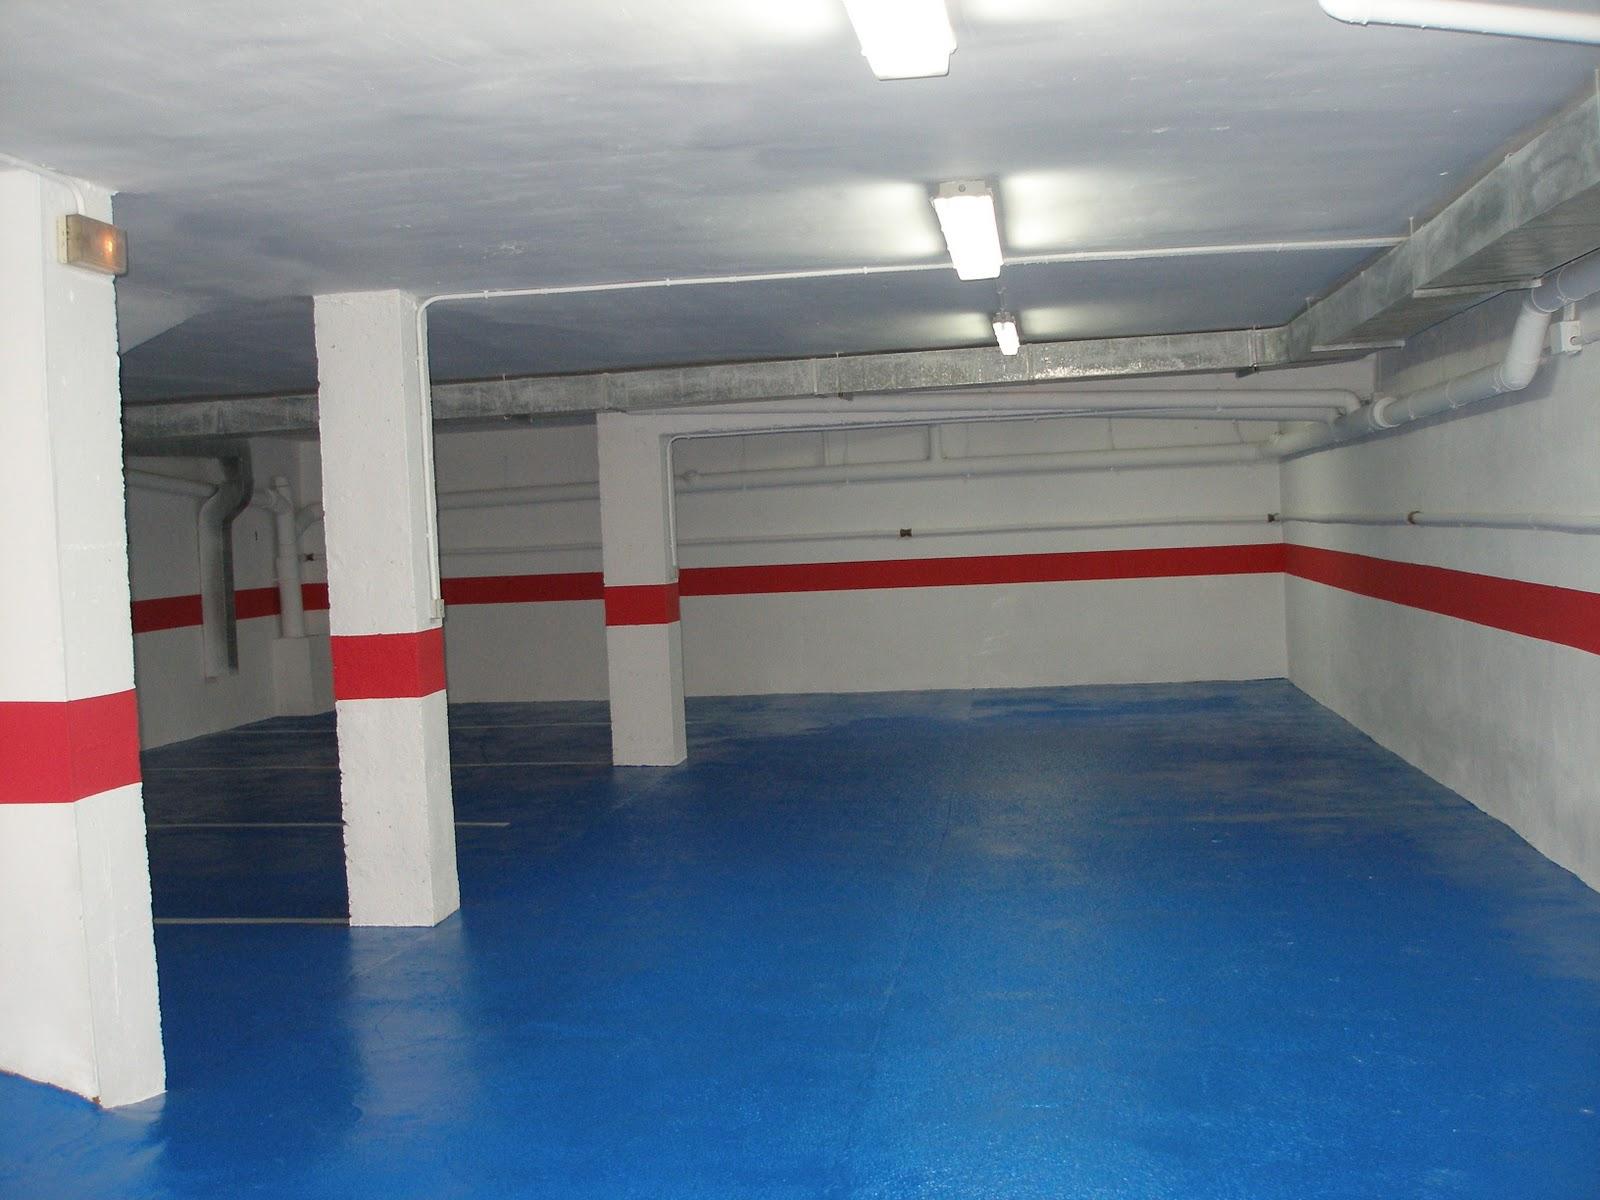 Pintor zaragoza profesional dale color a tu vida suelos for Pintura suelo parking